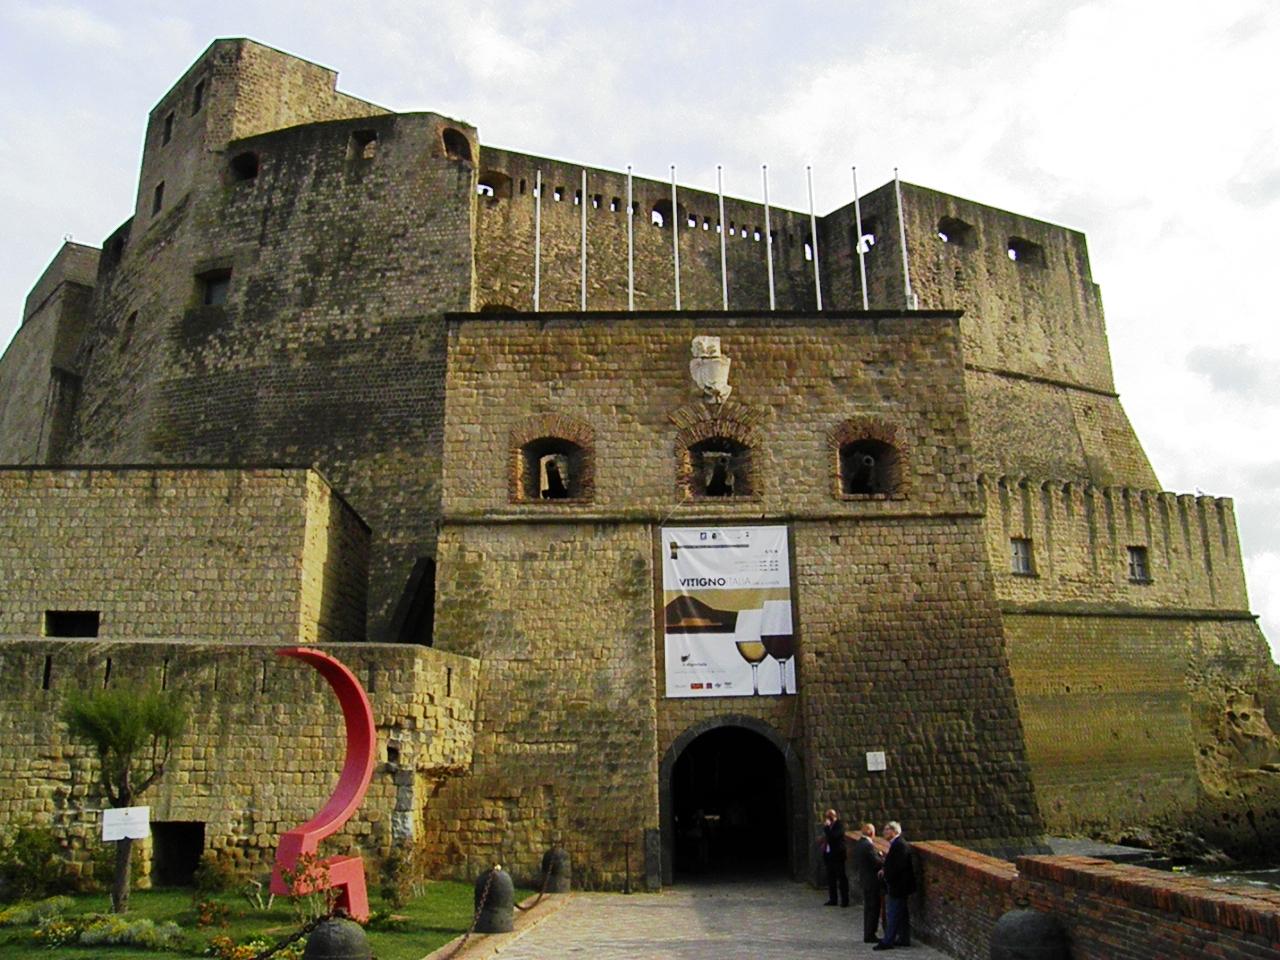 Vitignoitalia: dal 22 al 24 maggio 200 cantine e un totale di 1000 etichette per l'appuntamento coi winelovers a Castel dell'Ovo